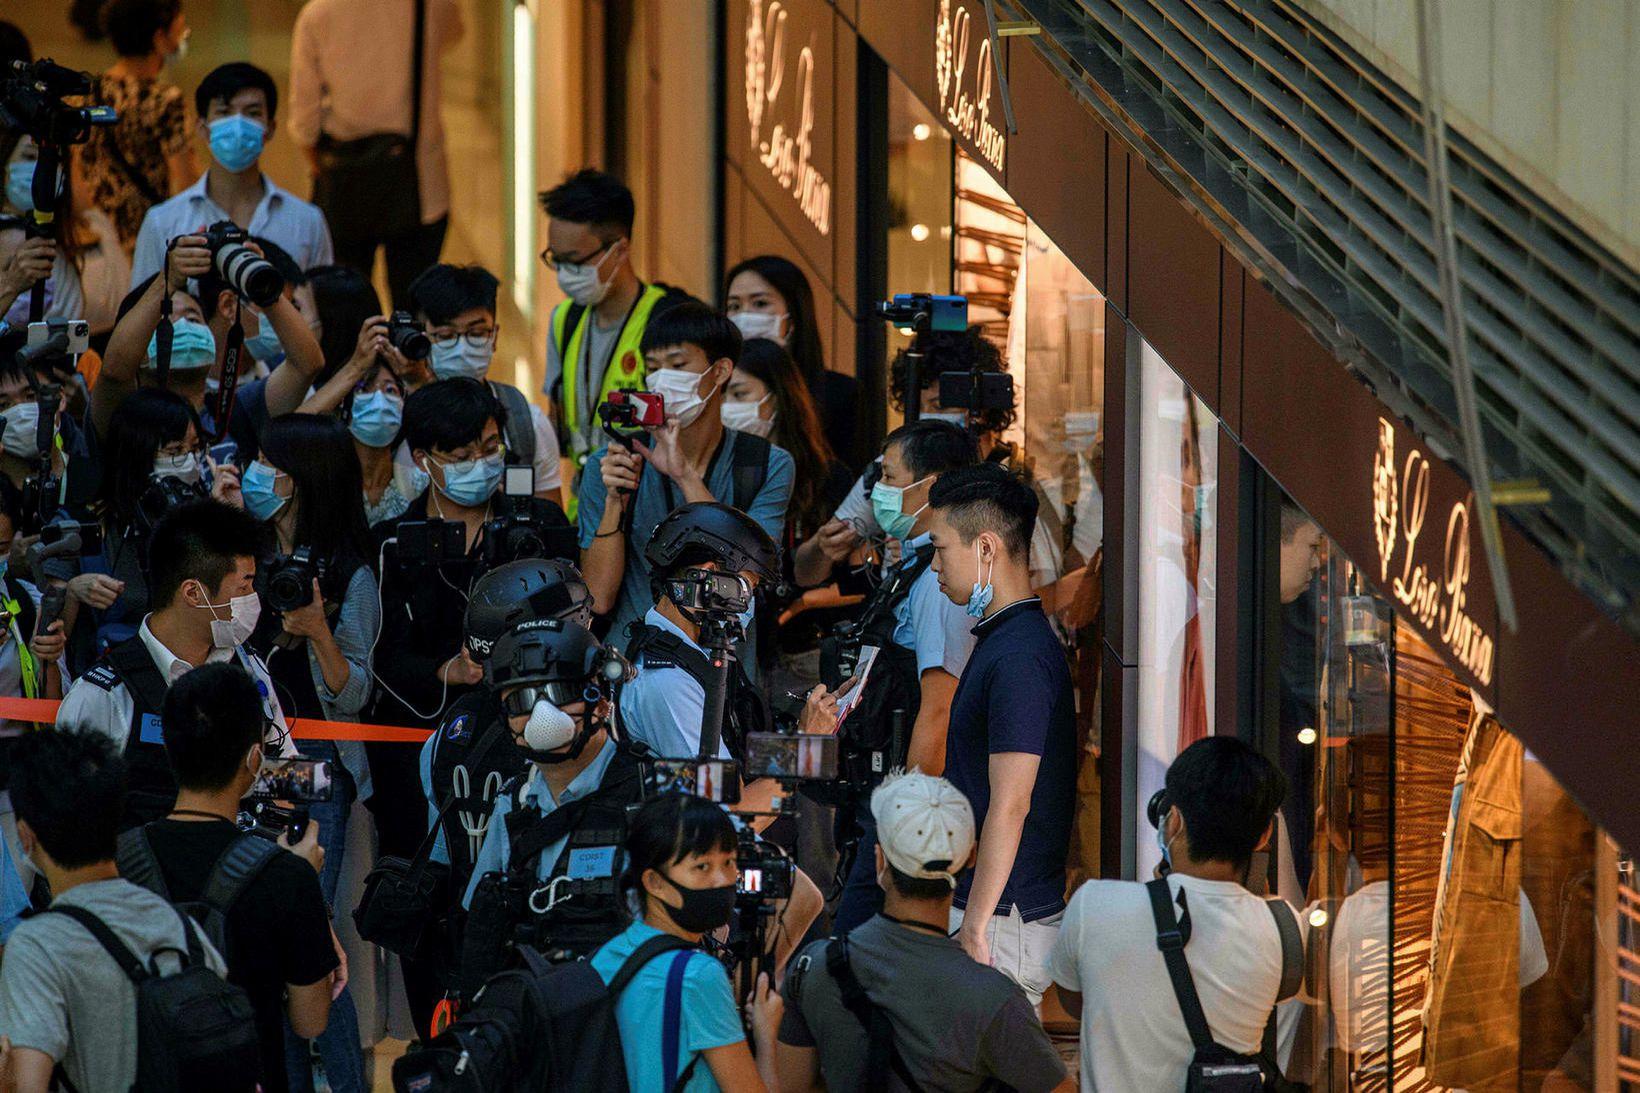 Mikil mótmæli í Hong Kong á síðasta ári urðu kveikjan …